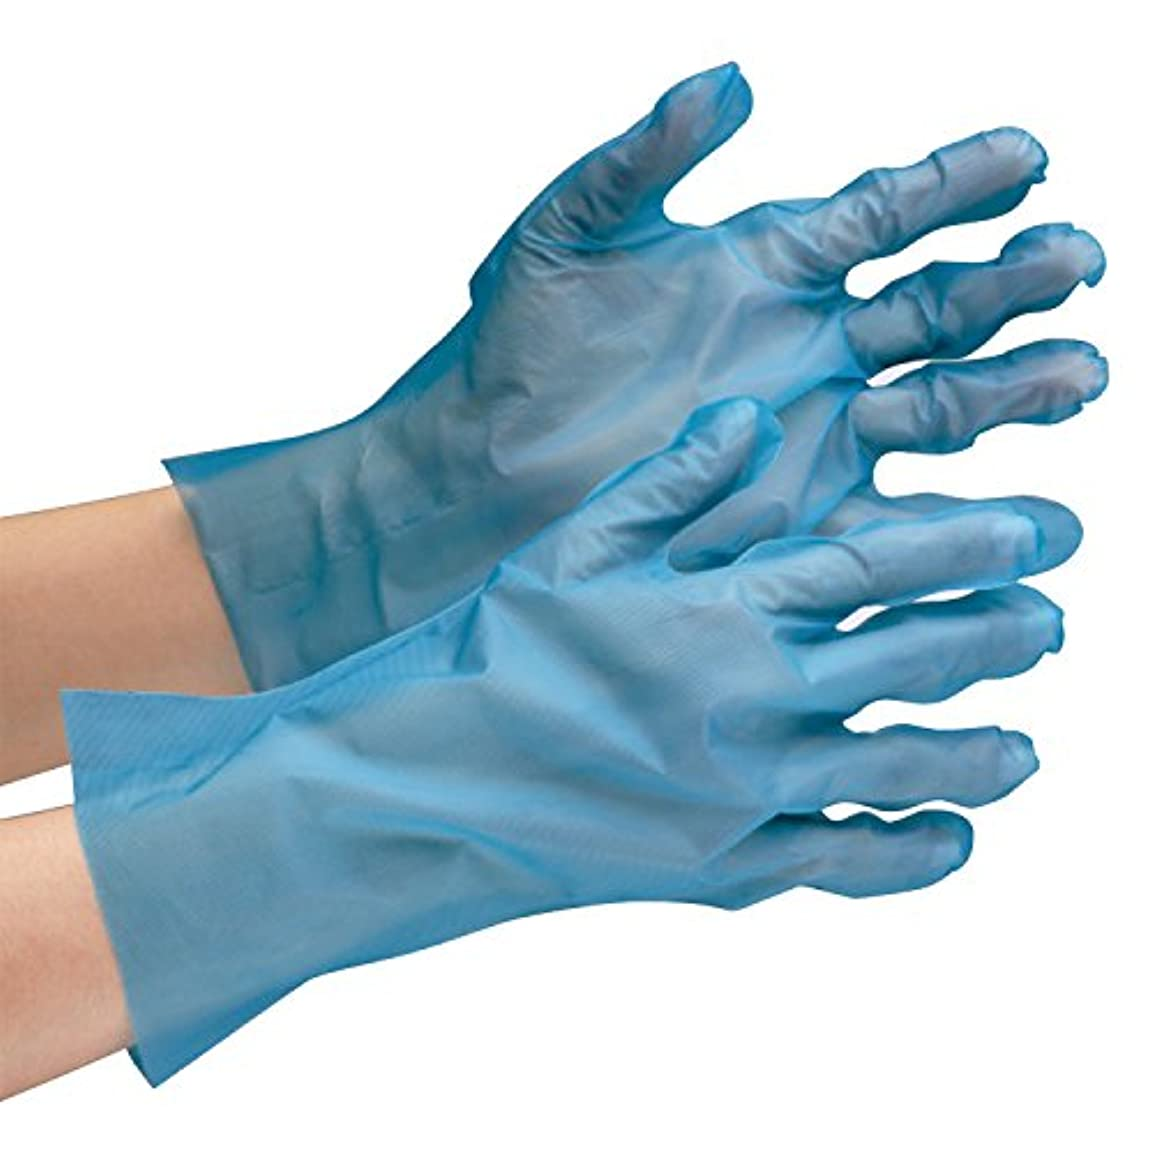 強打新聞腐ったミドリ安全 ポリエチレン製ディスポ手袋 ベルテ576 ブルー 200枚入